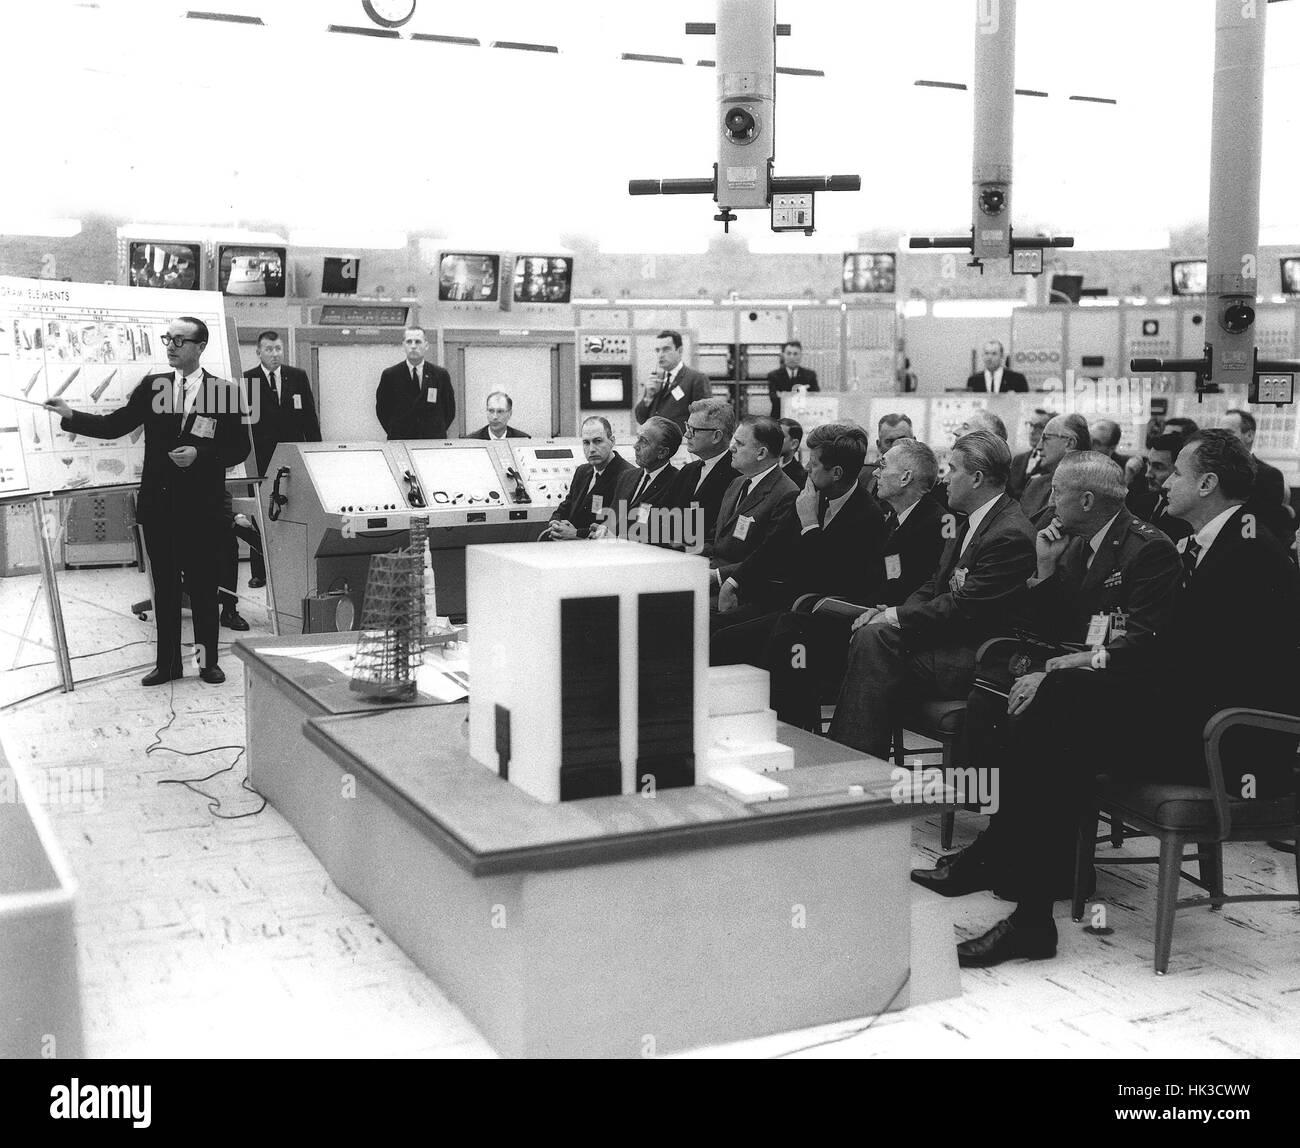 Arzt George Mueller gibt Saturn V Orientierung an US-Präsident John F. Kennedy und Funktionäre im Blockhaus 37 in Cape Canaveral, Florida. Vordere Reihe, von links nach rechts: George Low, Arzt Kurt Debus, Arzt Robert Seamans, James Webb, Präsident Ken Stockfoto